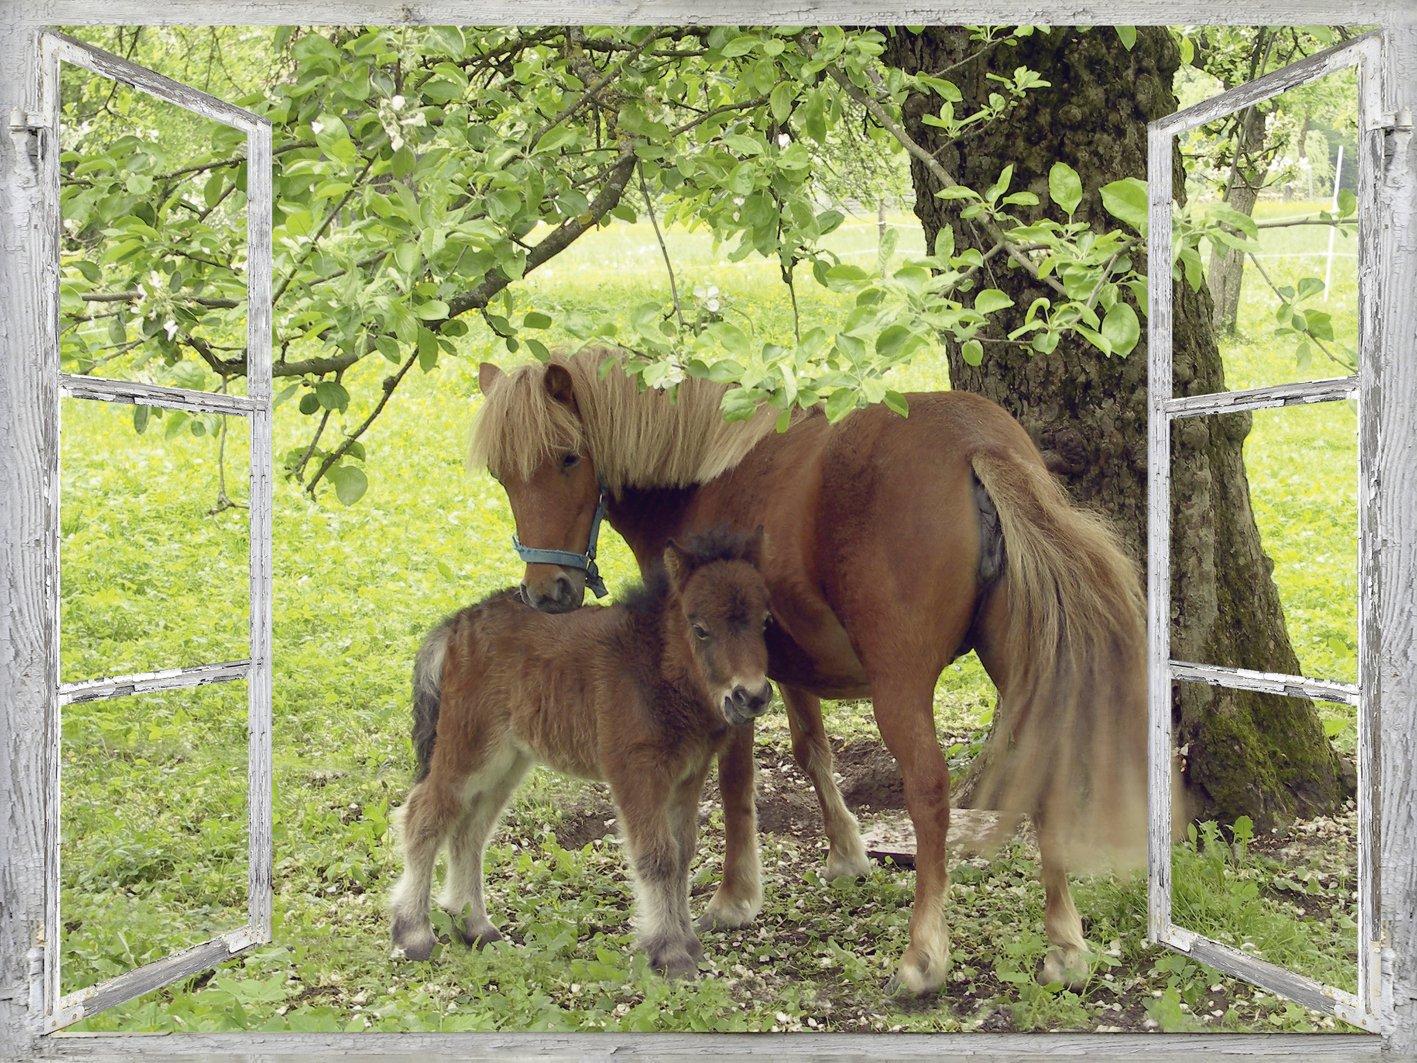 Artland Qualitätsbilder I Wandtattoo Wandsticker Wandaufkleber 120 x 90 90 90 cm Tiere Haustiere Pferd Collage Grün C0AJ Fensterblick Pony mit Kind 8c4ad0